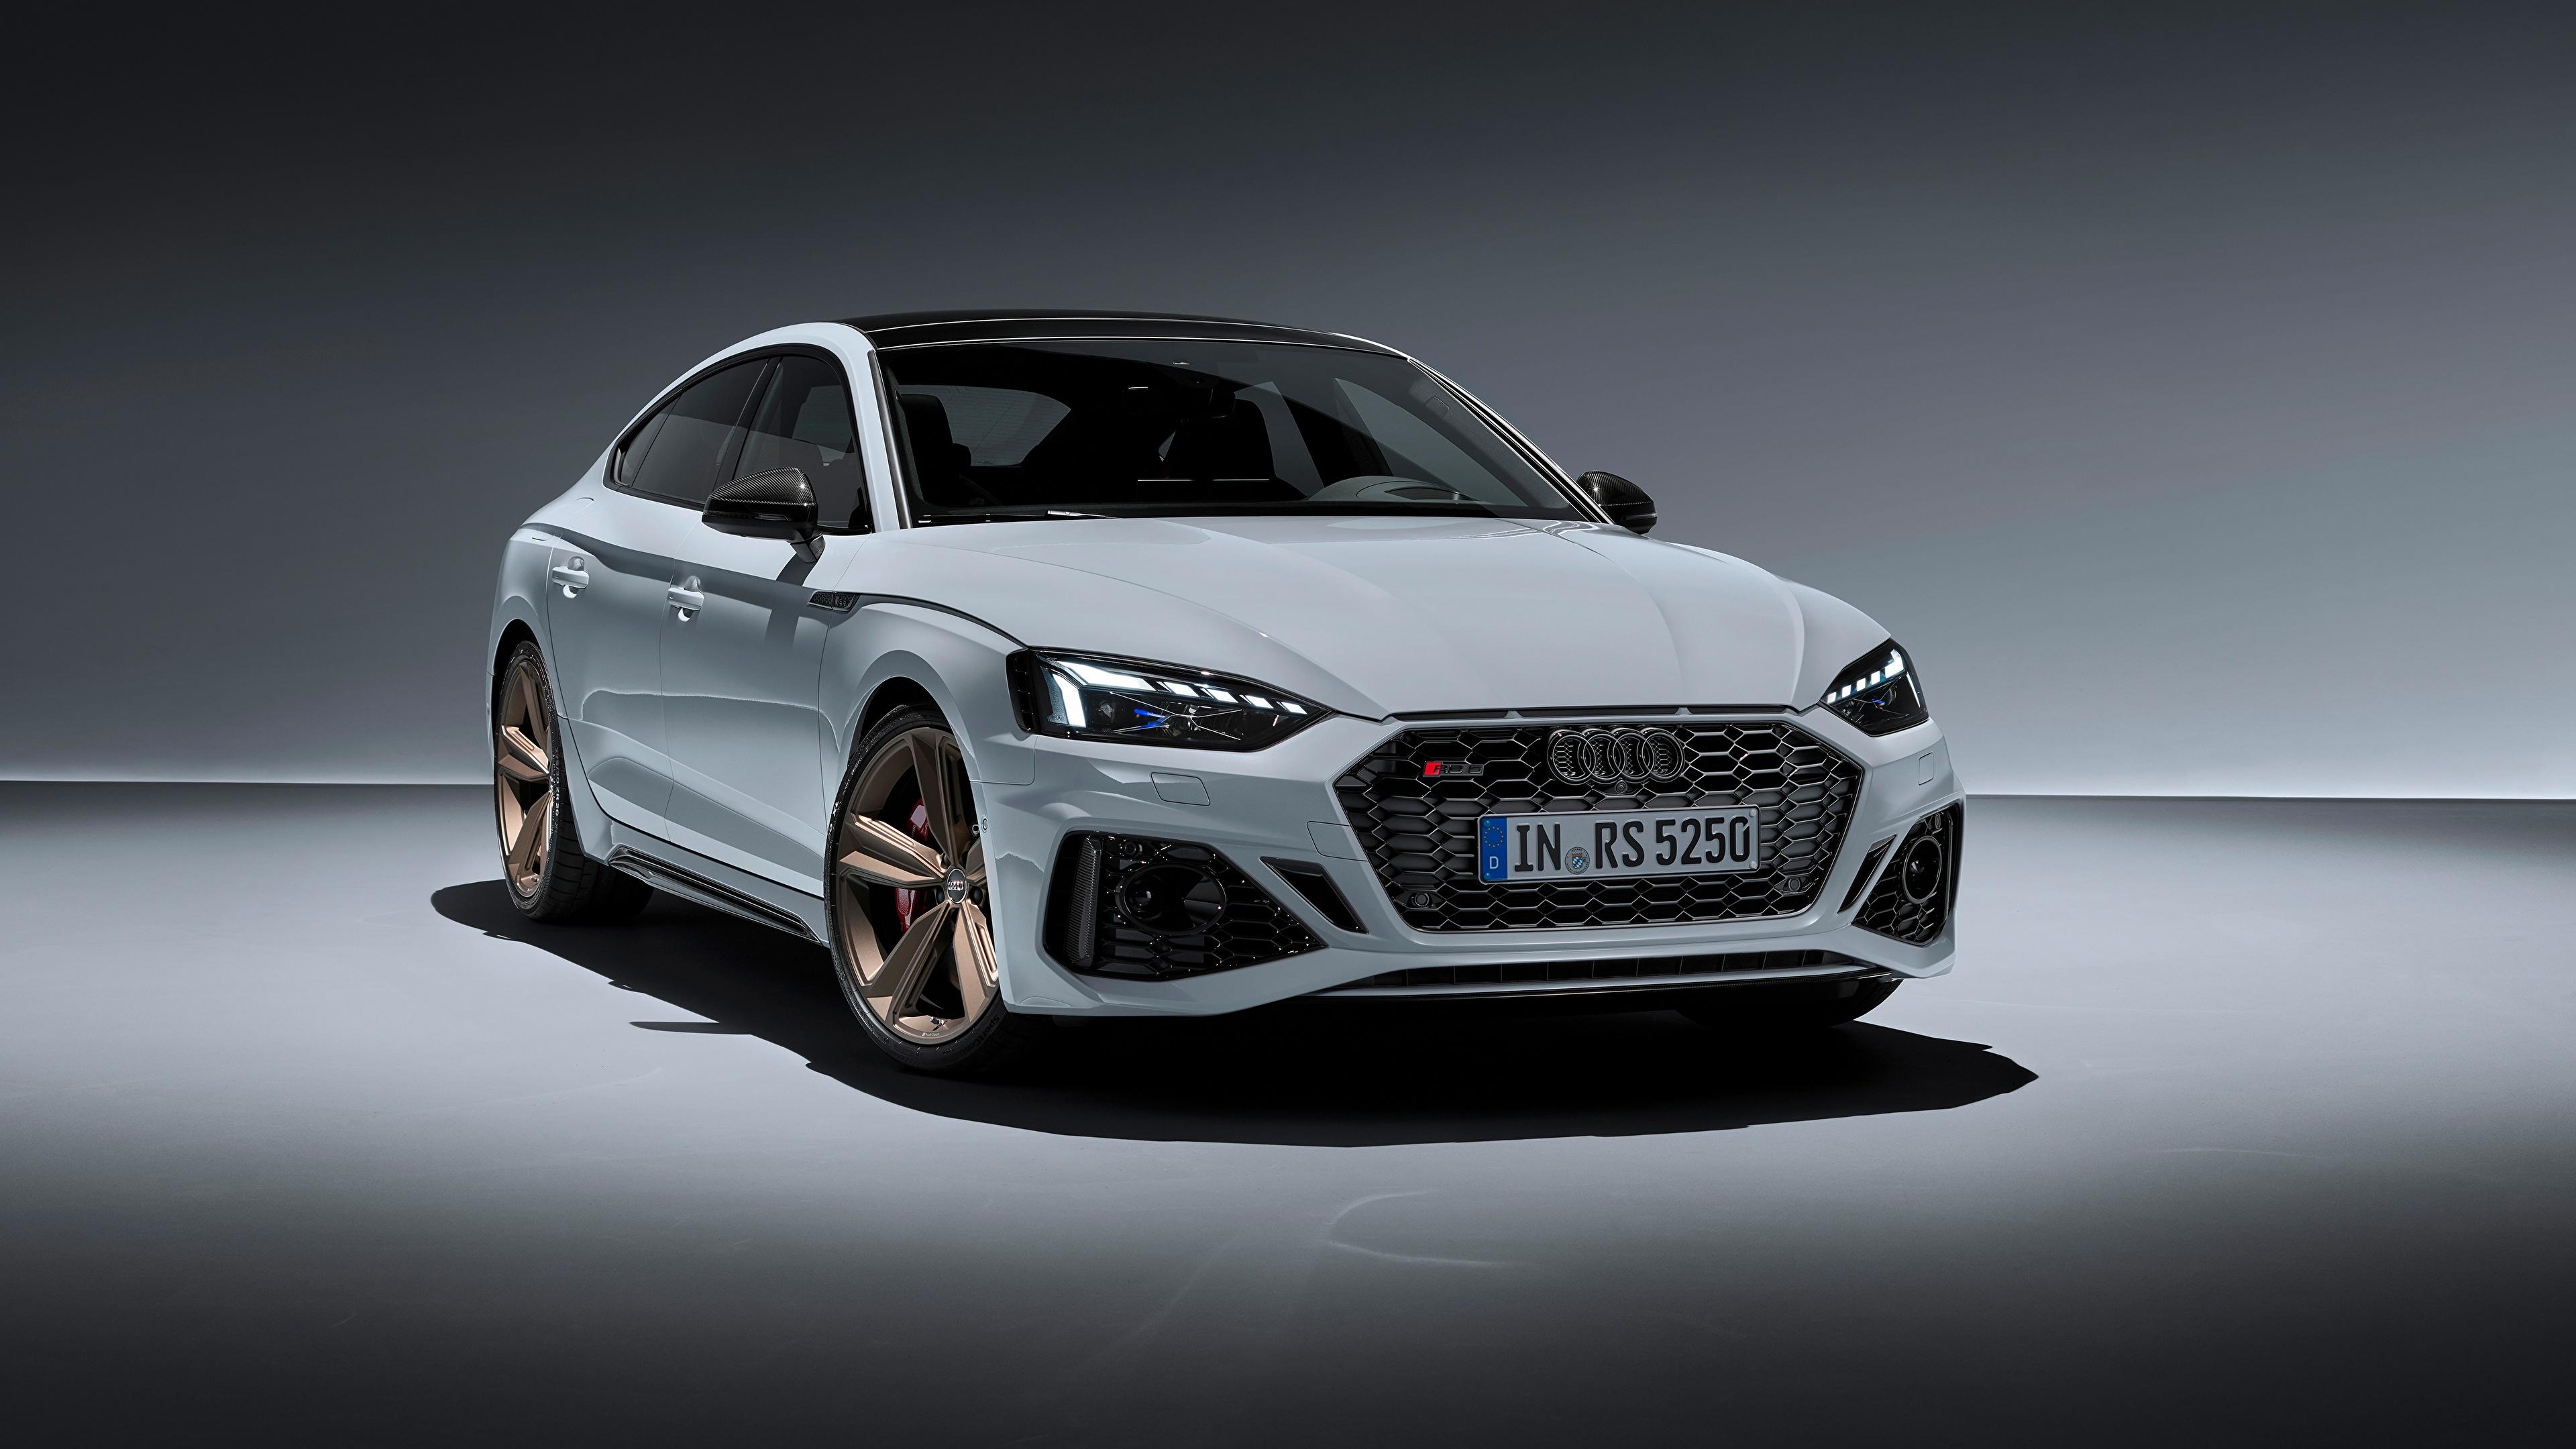 Papeis De Parede 3840x2160 Audi Rs5 Sportback Rs 5 2020 Branco Metalico Carros Baixar Imagens